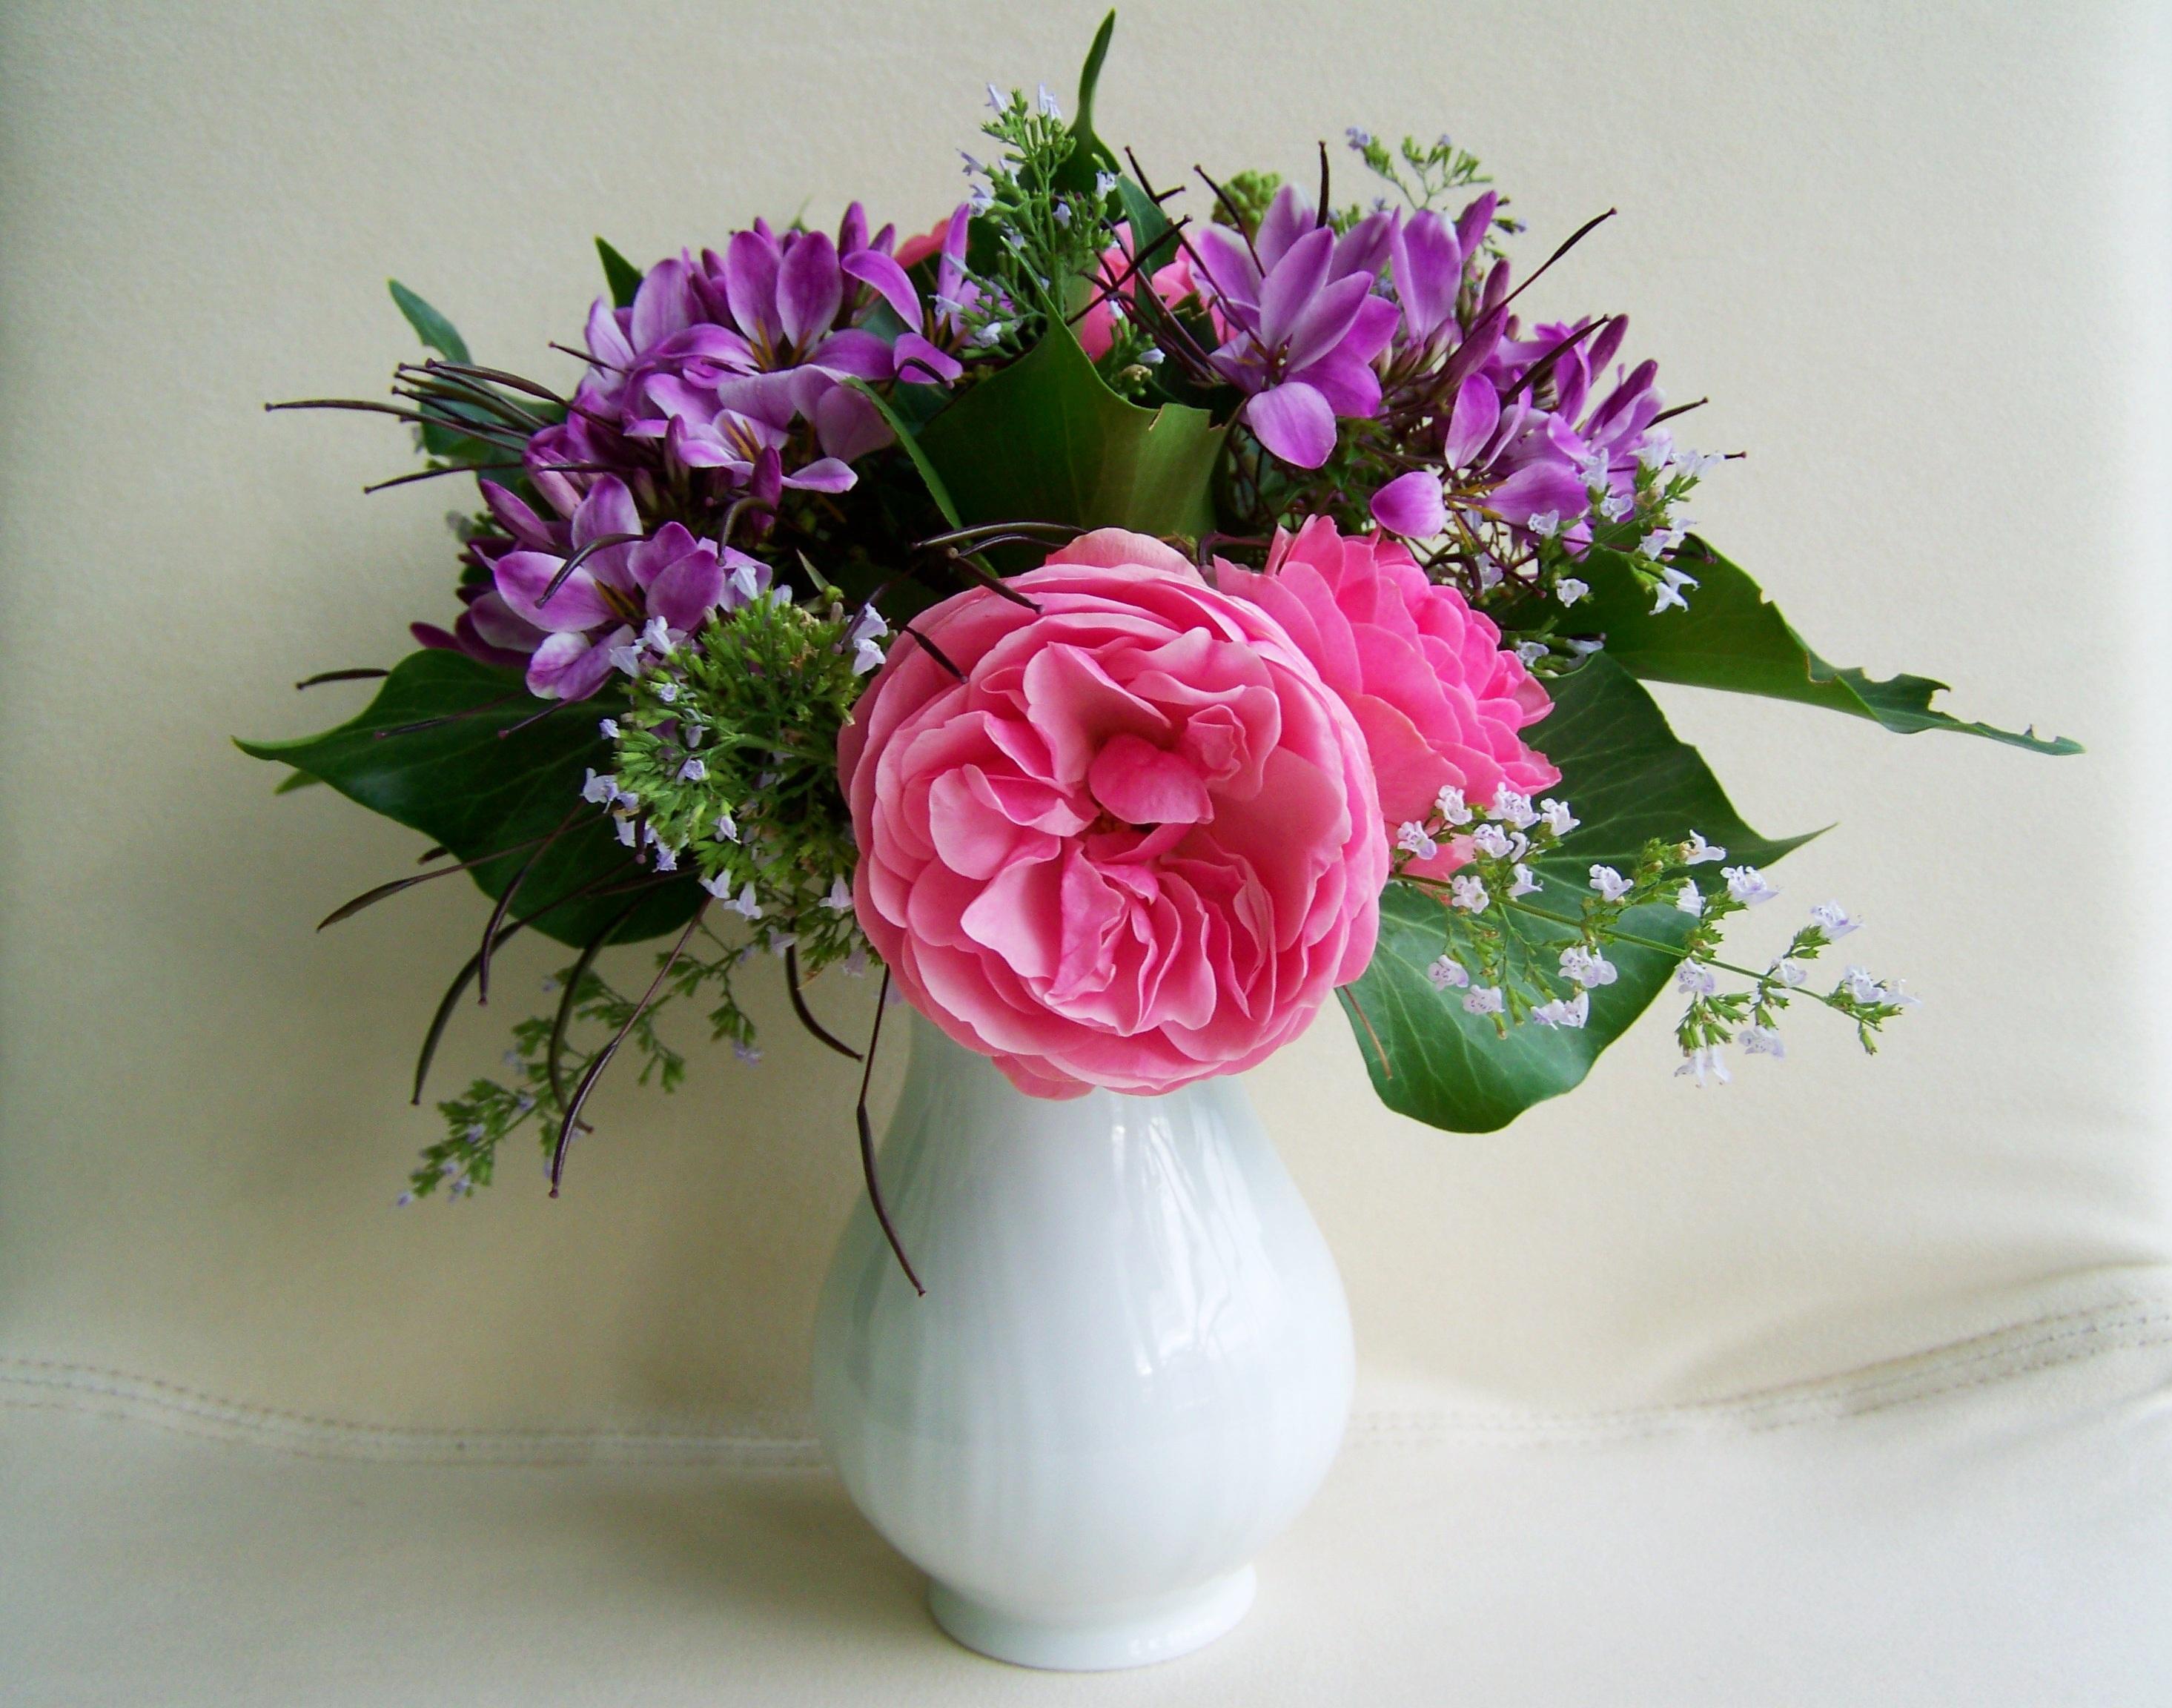 Free Images Petal Color Pink Art Cut Flower Floristry Bunch